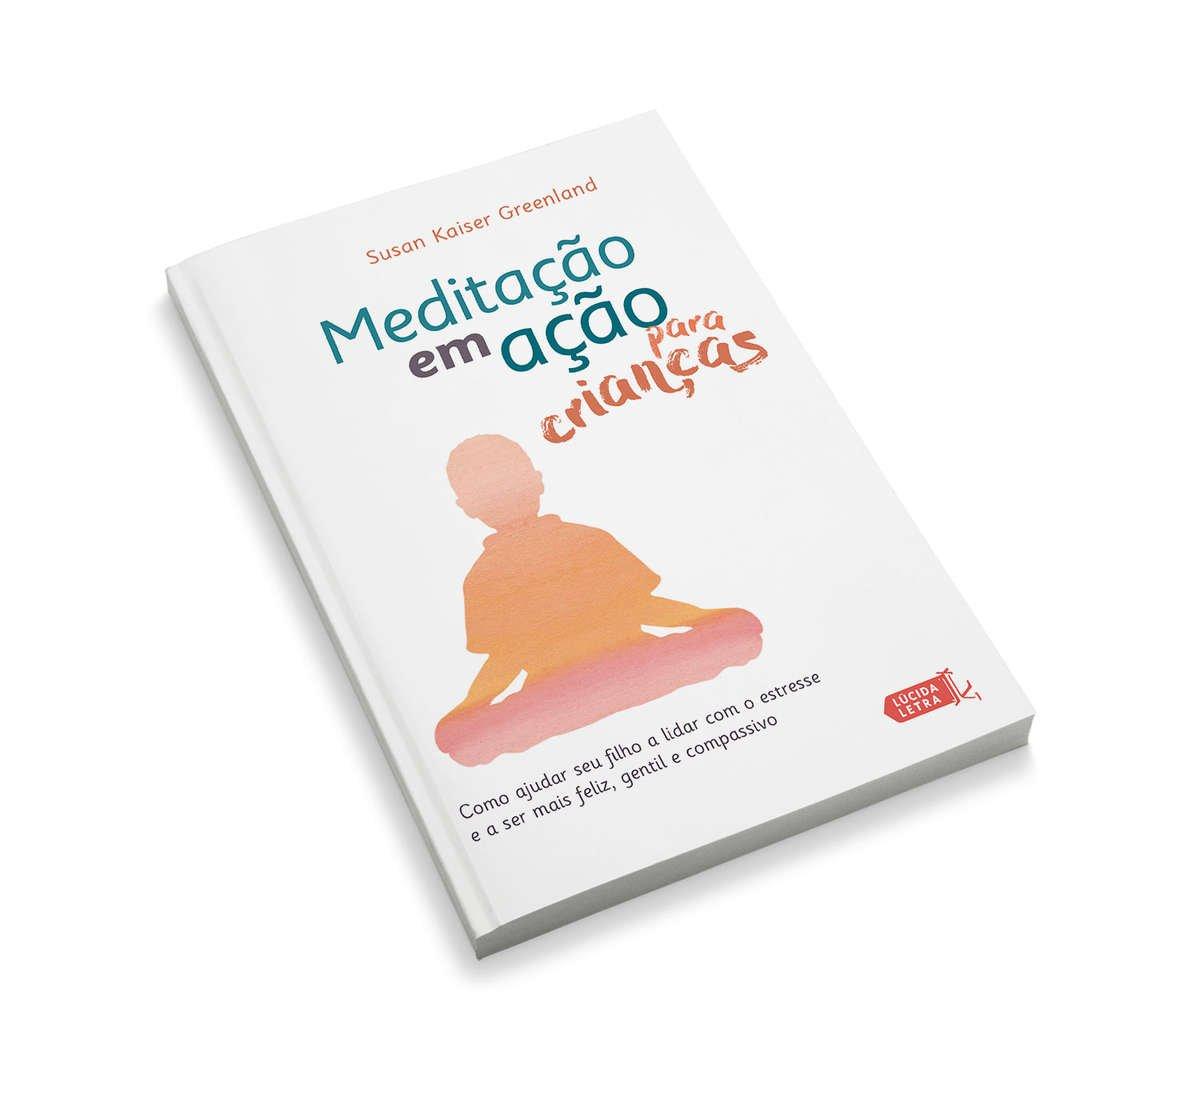 Capa do livro Meditação em ação para crianças